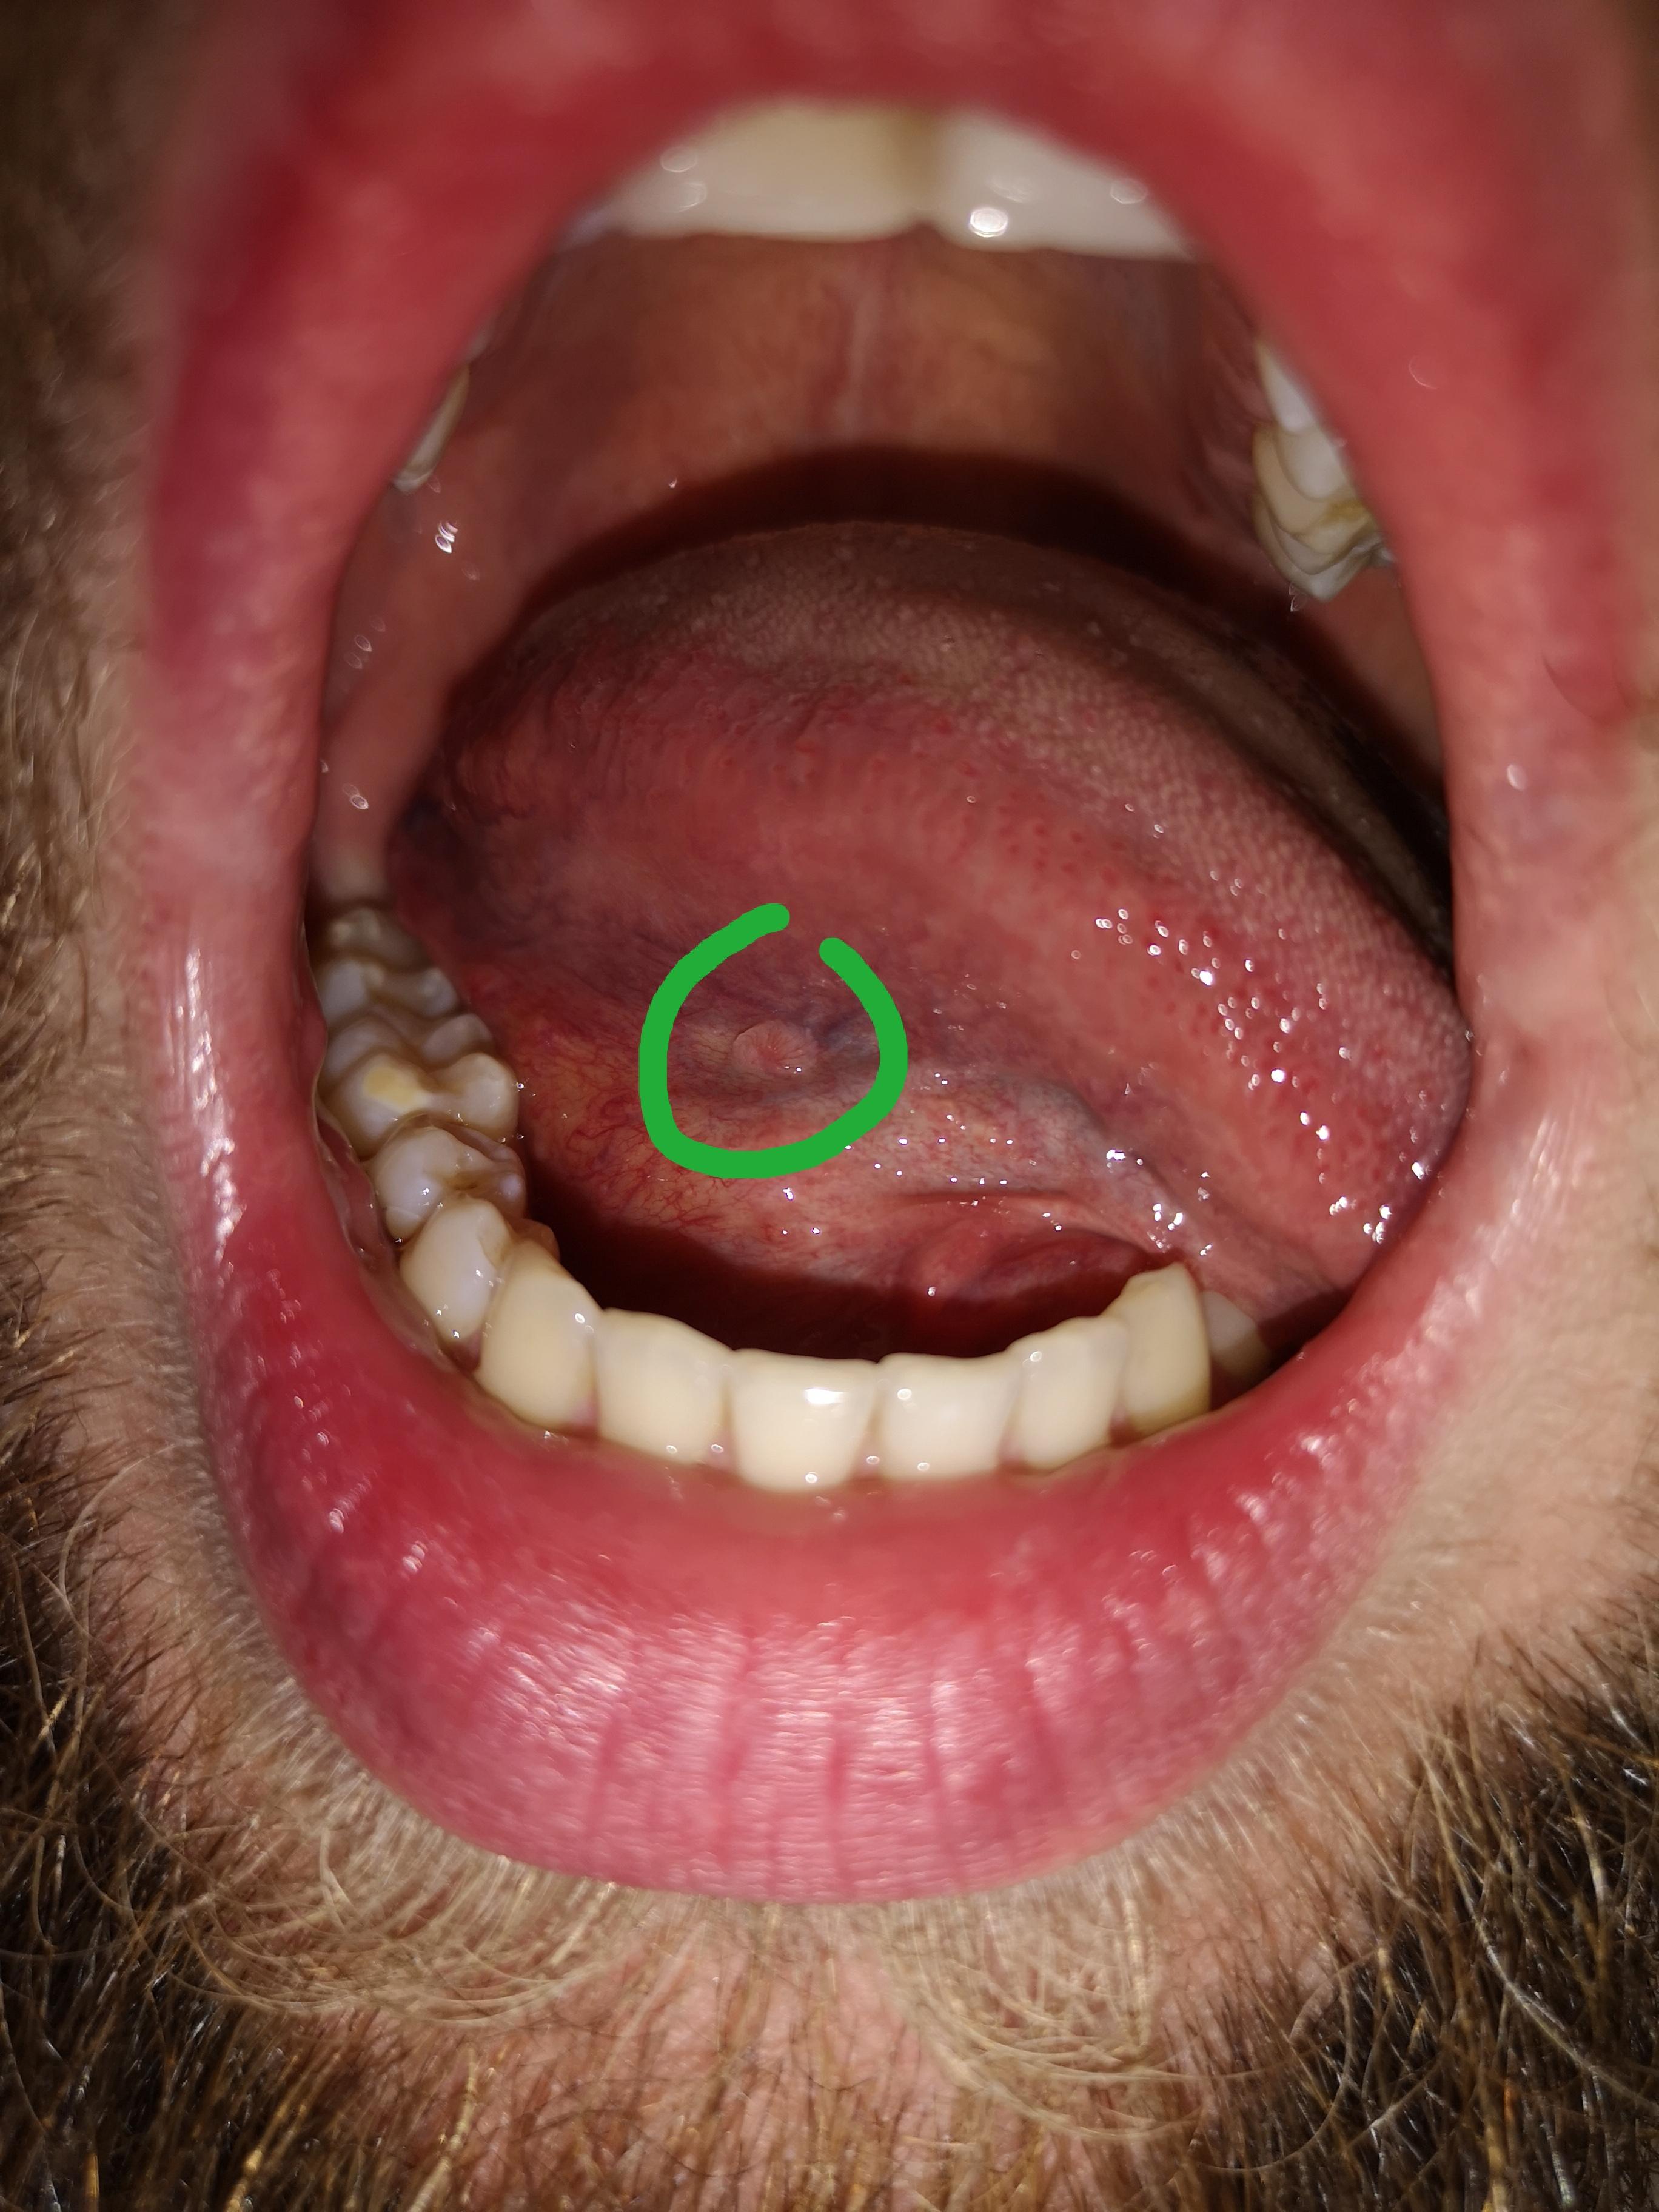 Geschwür unter der Zunge - Denta Beaute